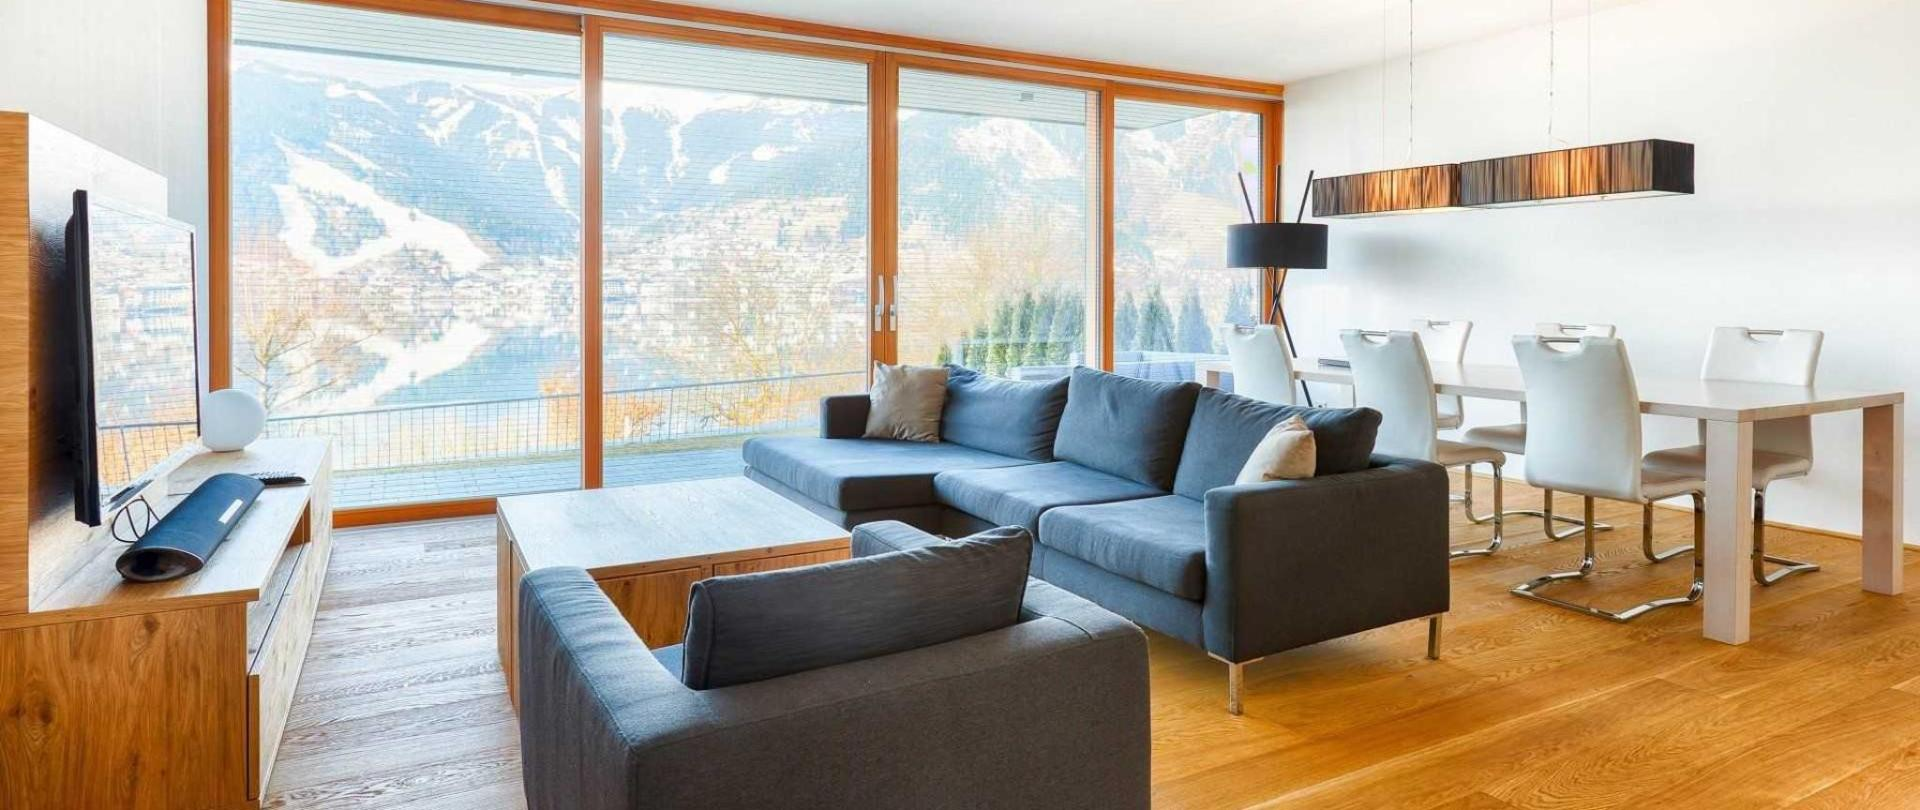 1-1-wohnzimmer-bellevue-0-1.jpg